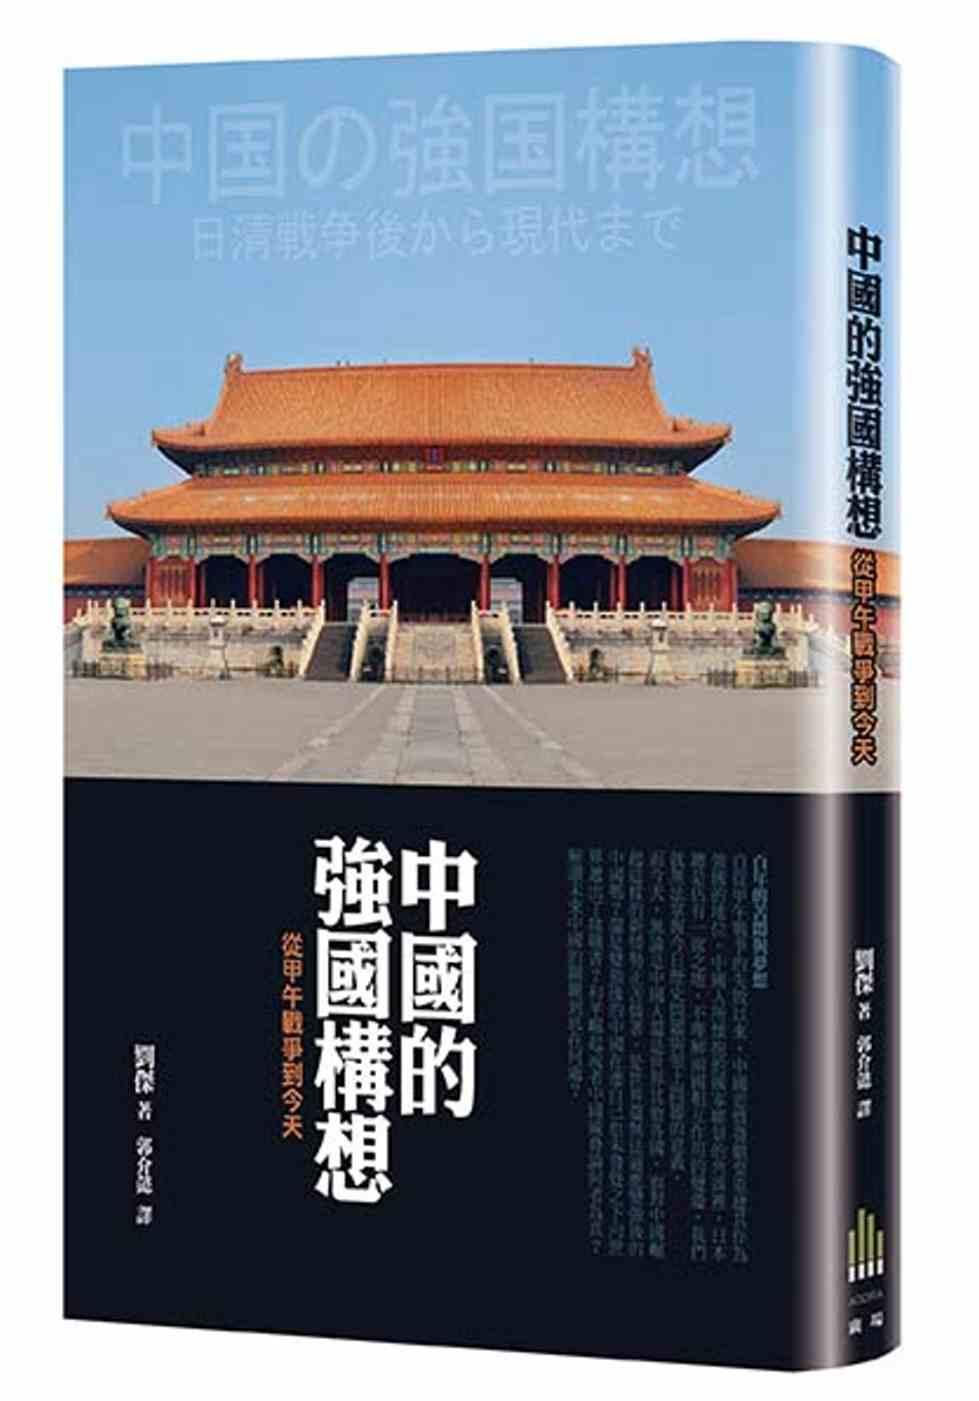 ◤博客來BOOKS◢ 暢銷書榜《推薦》中國的強國構想:從甲午戰爭至現代